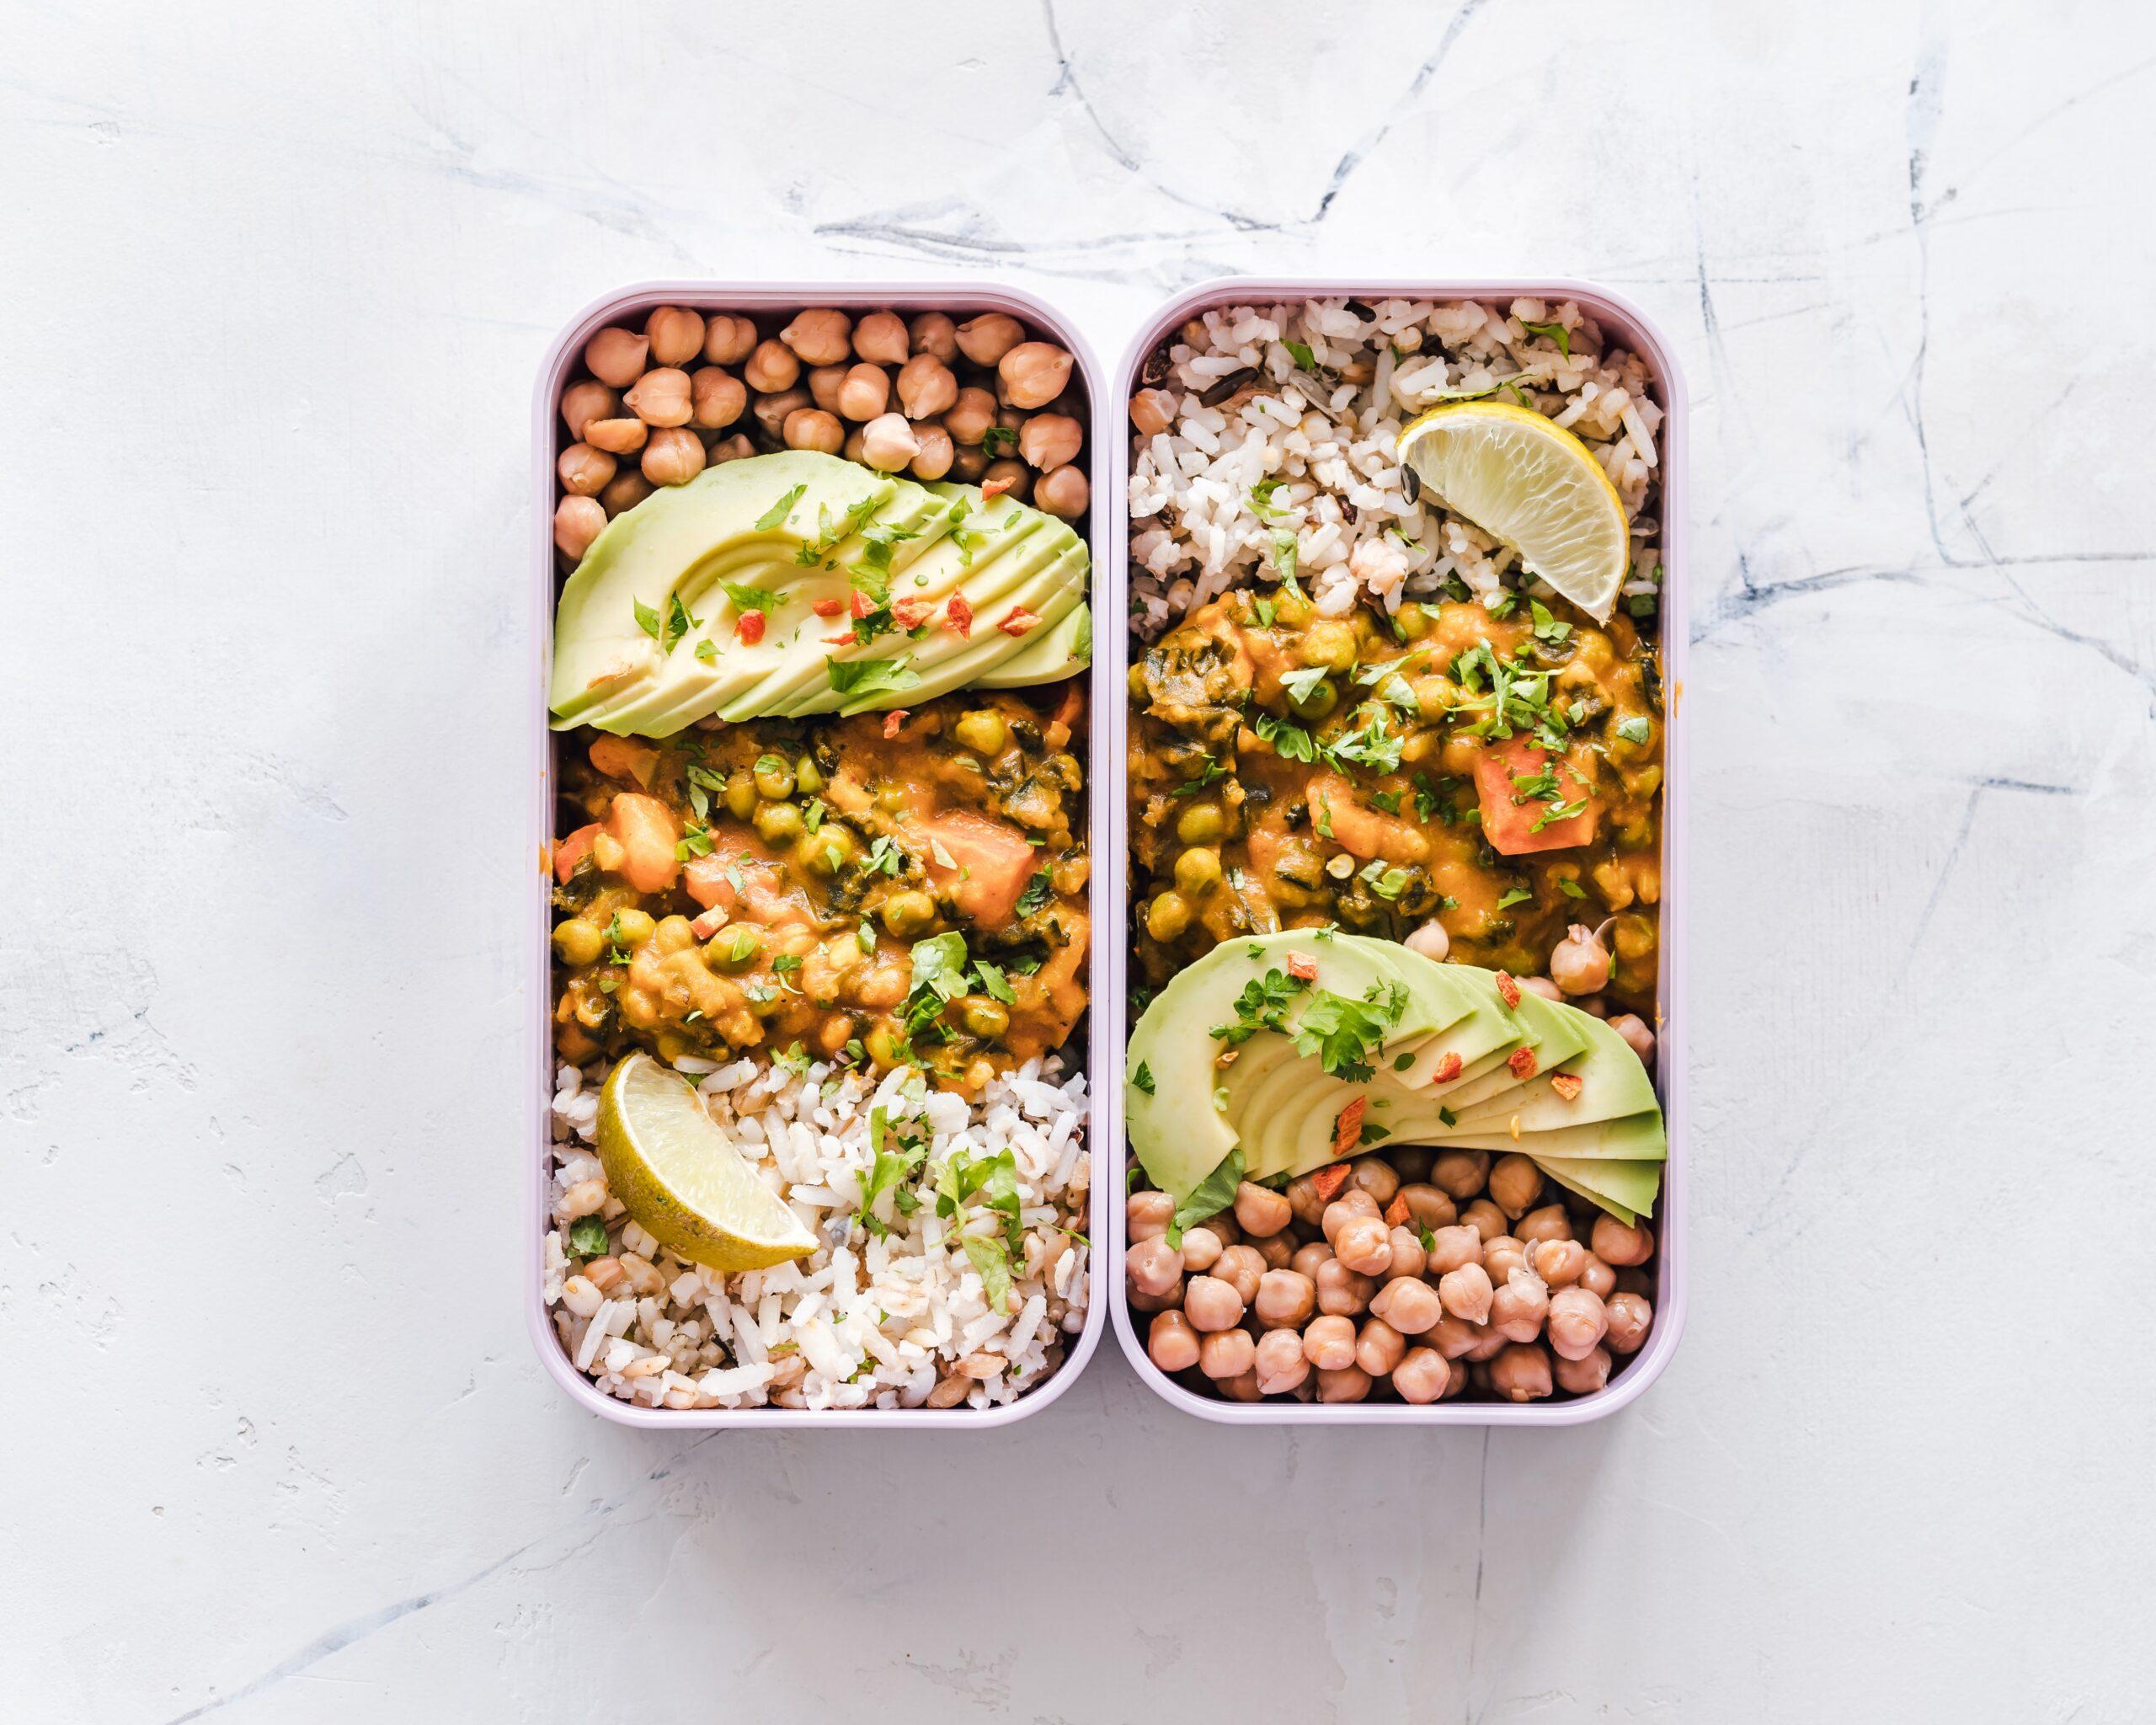 Composer des plats végétariens équilibrés / Constitute healthy vegetarian meal